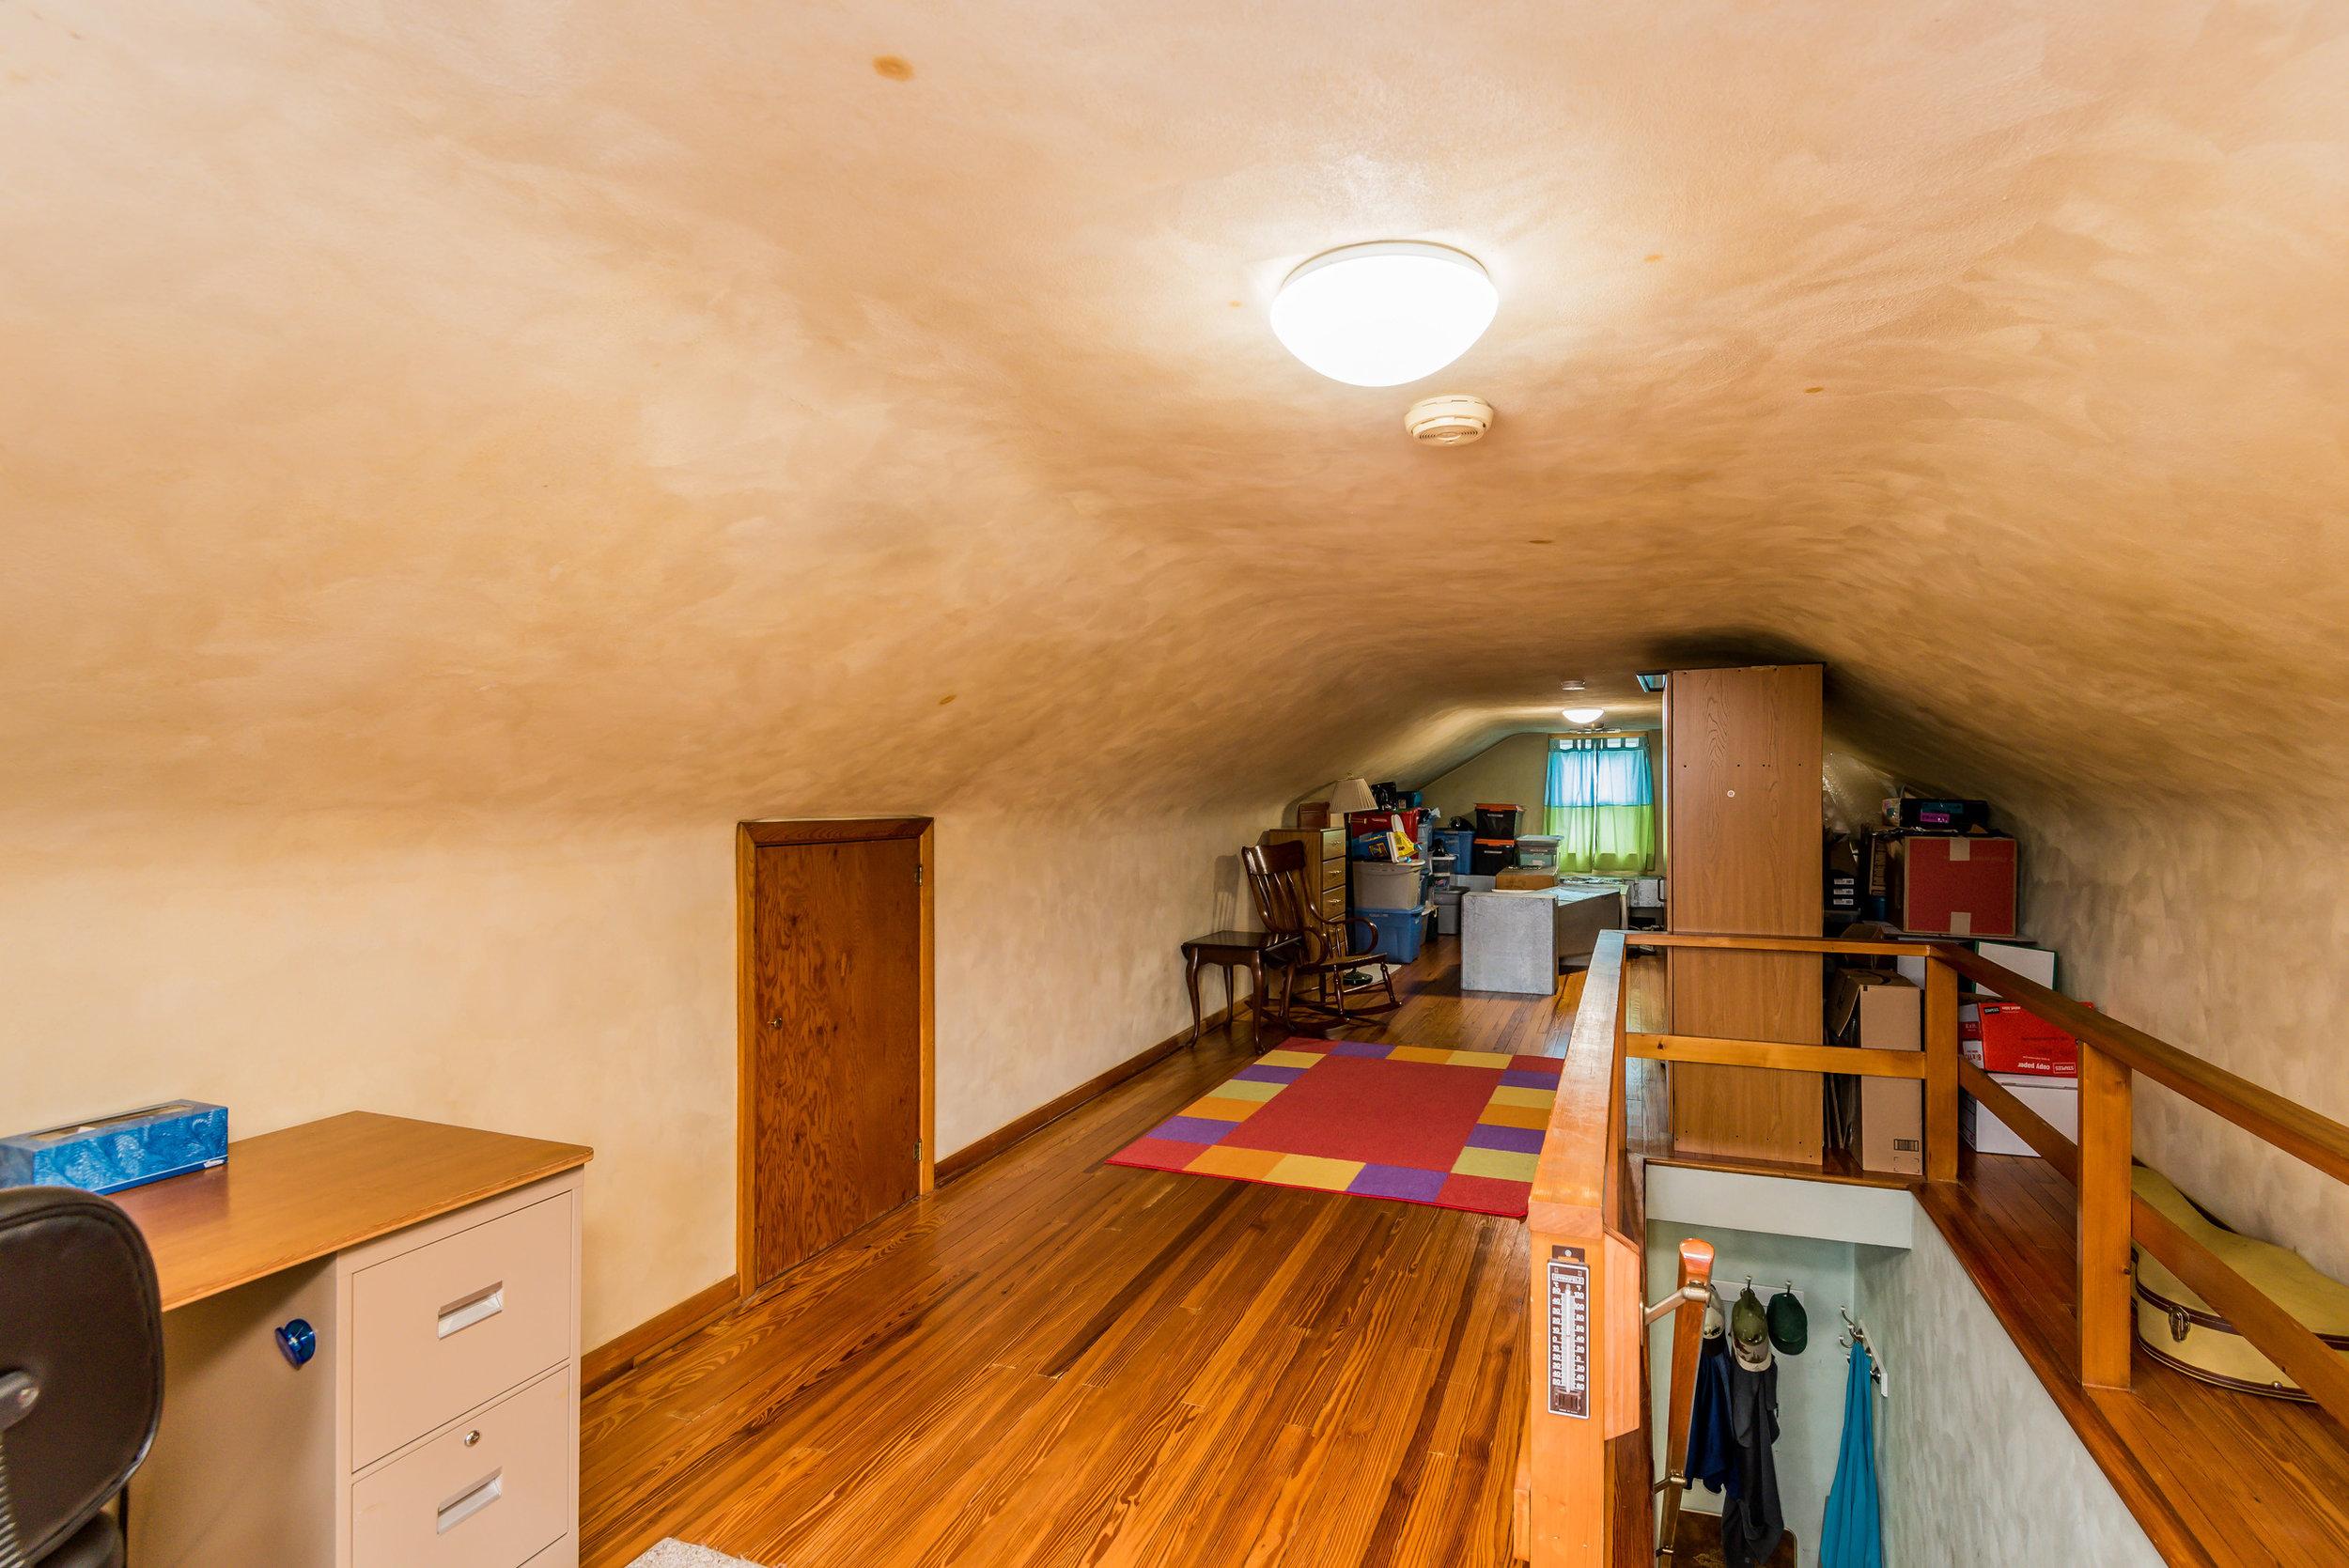 attic_1_of_1_.jpg